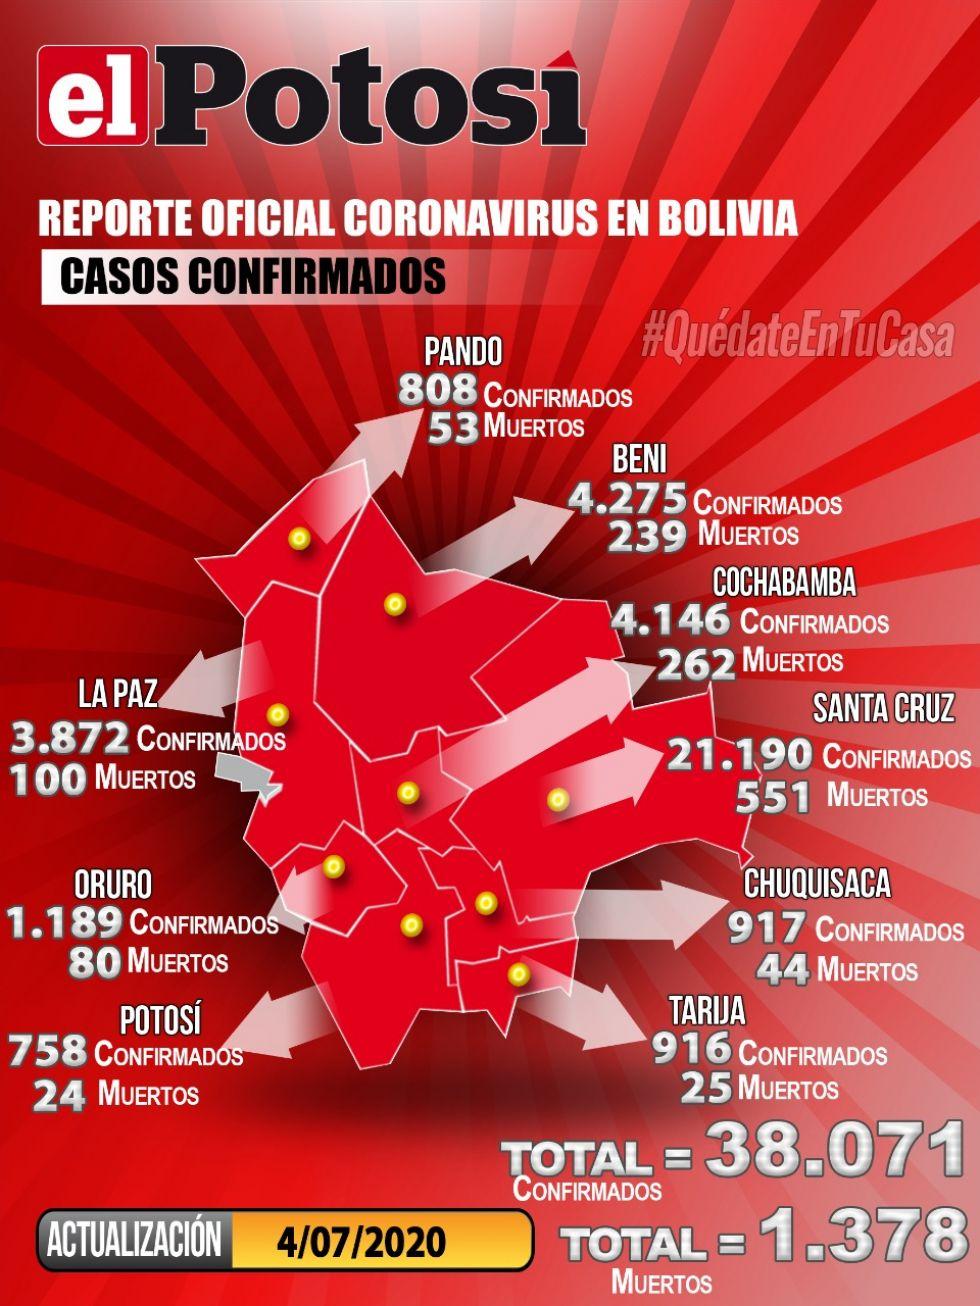 Bolivia reporta más de mil casos de coronavirus y acumula más de 38.000 contagios